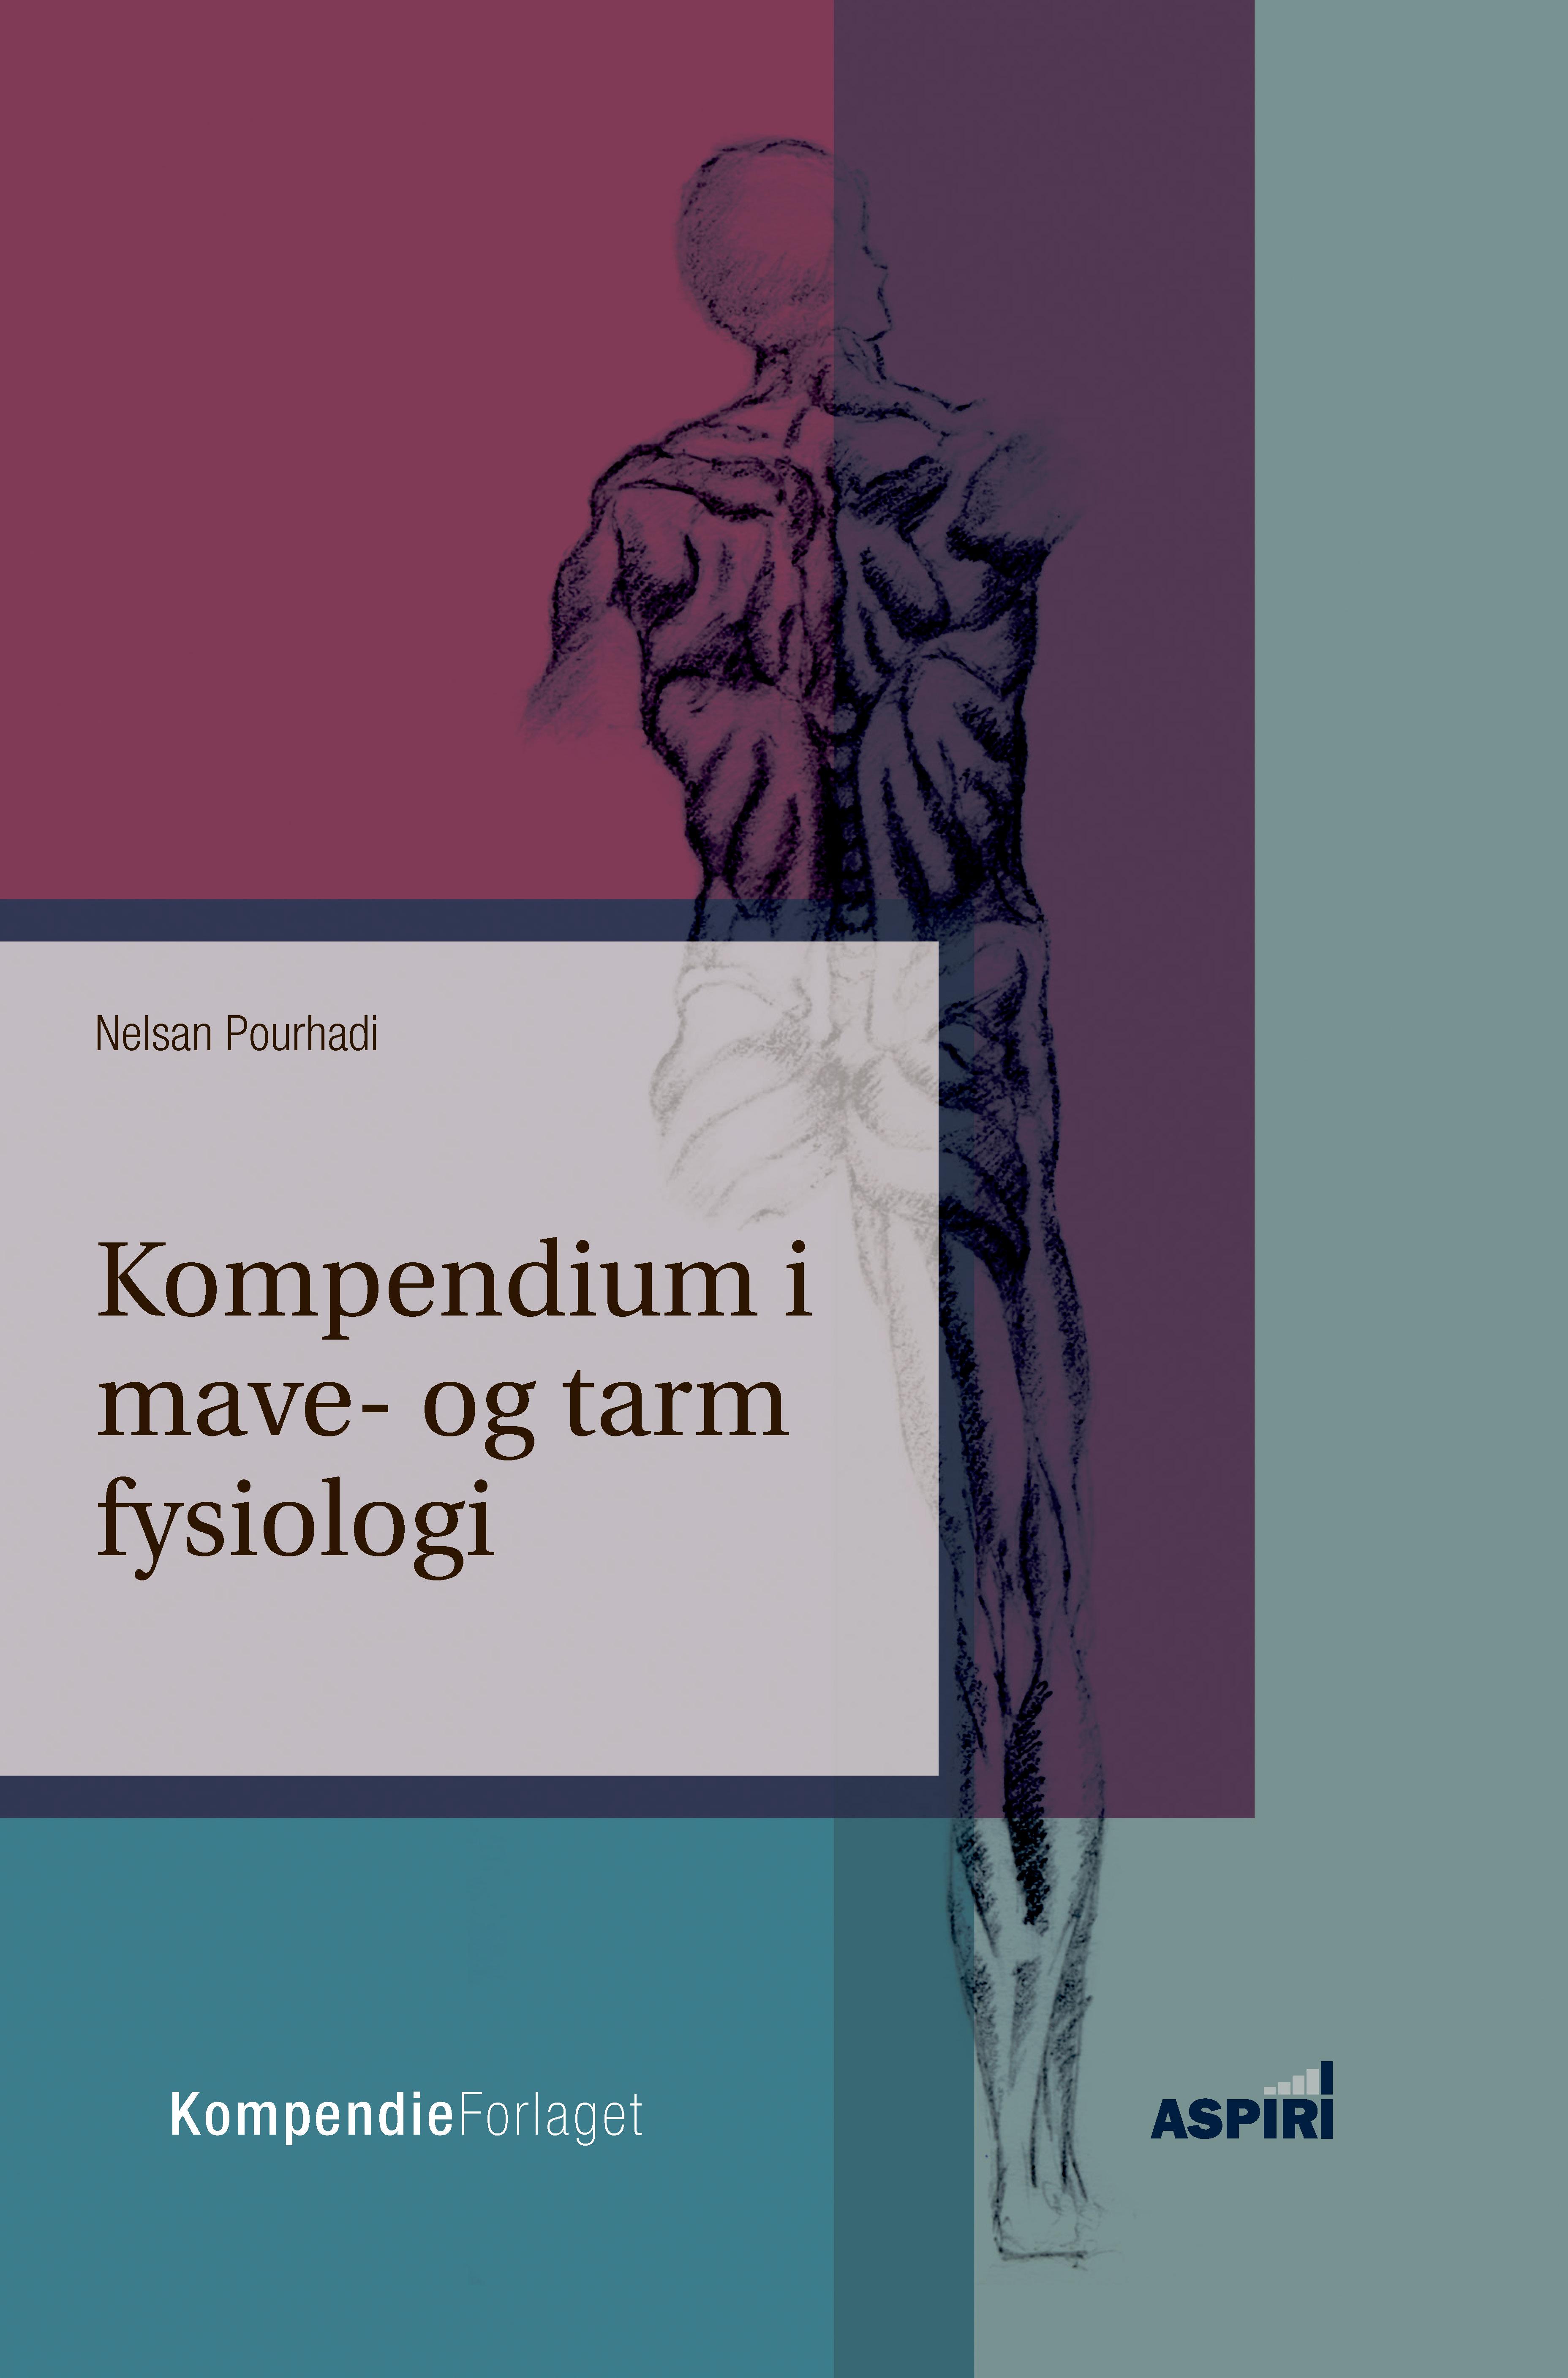 Kompendium i mave-tarmfysiologi